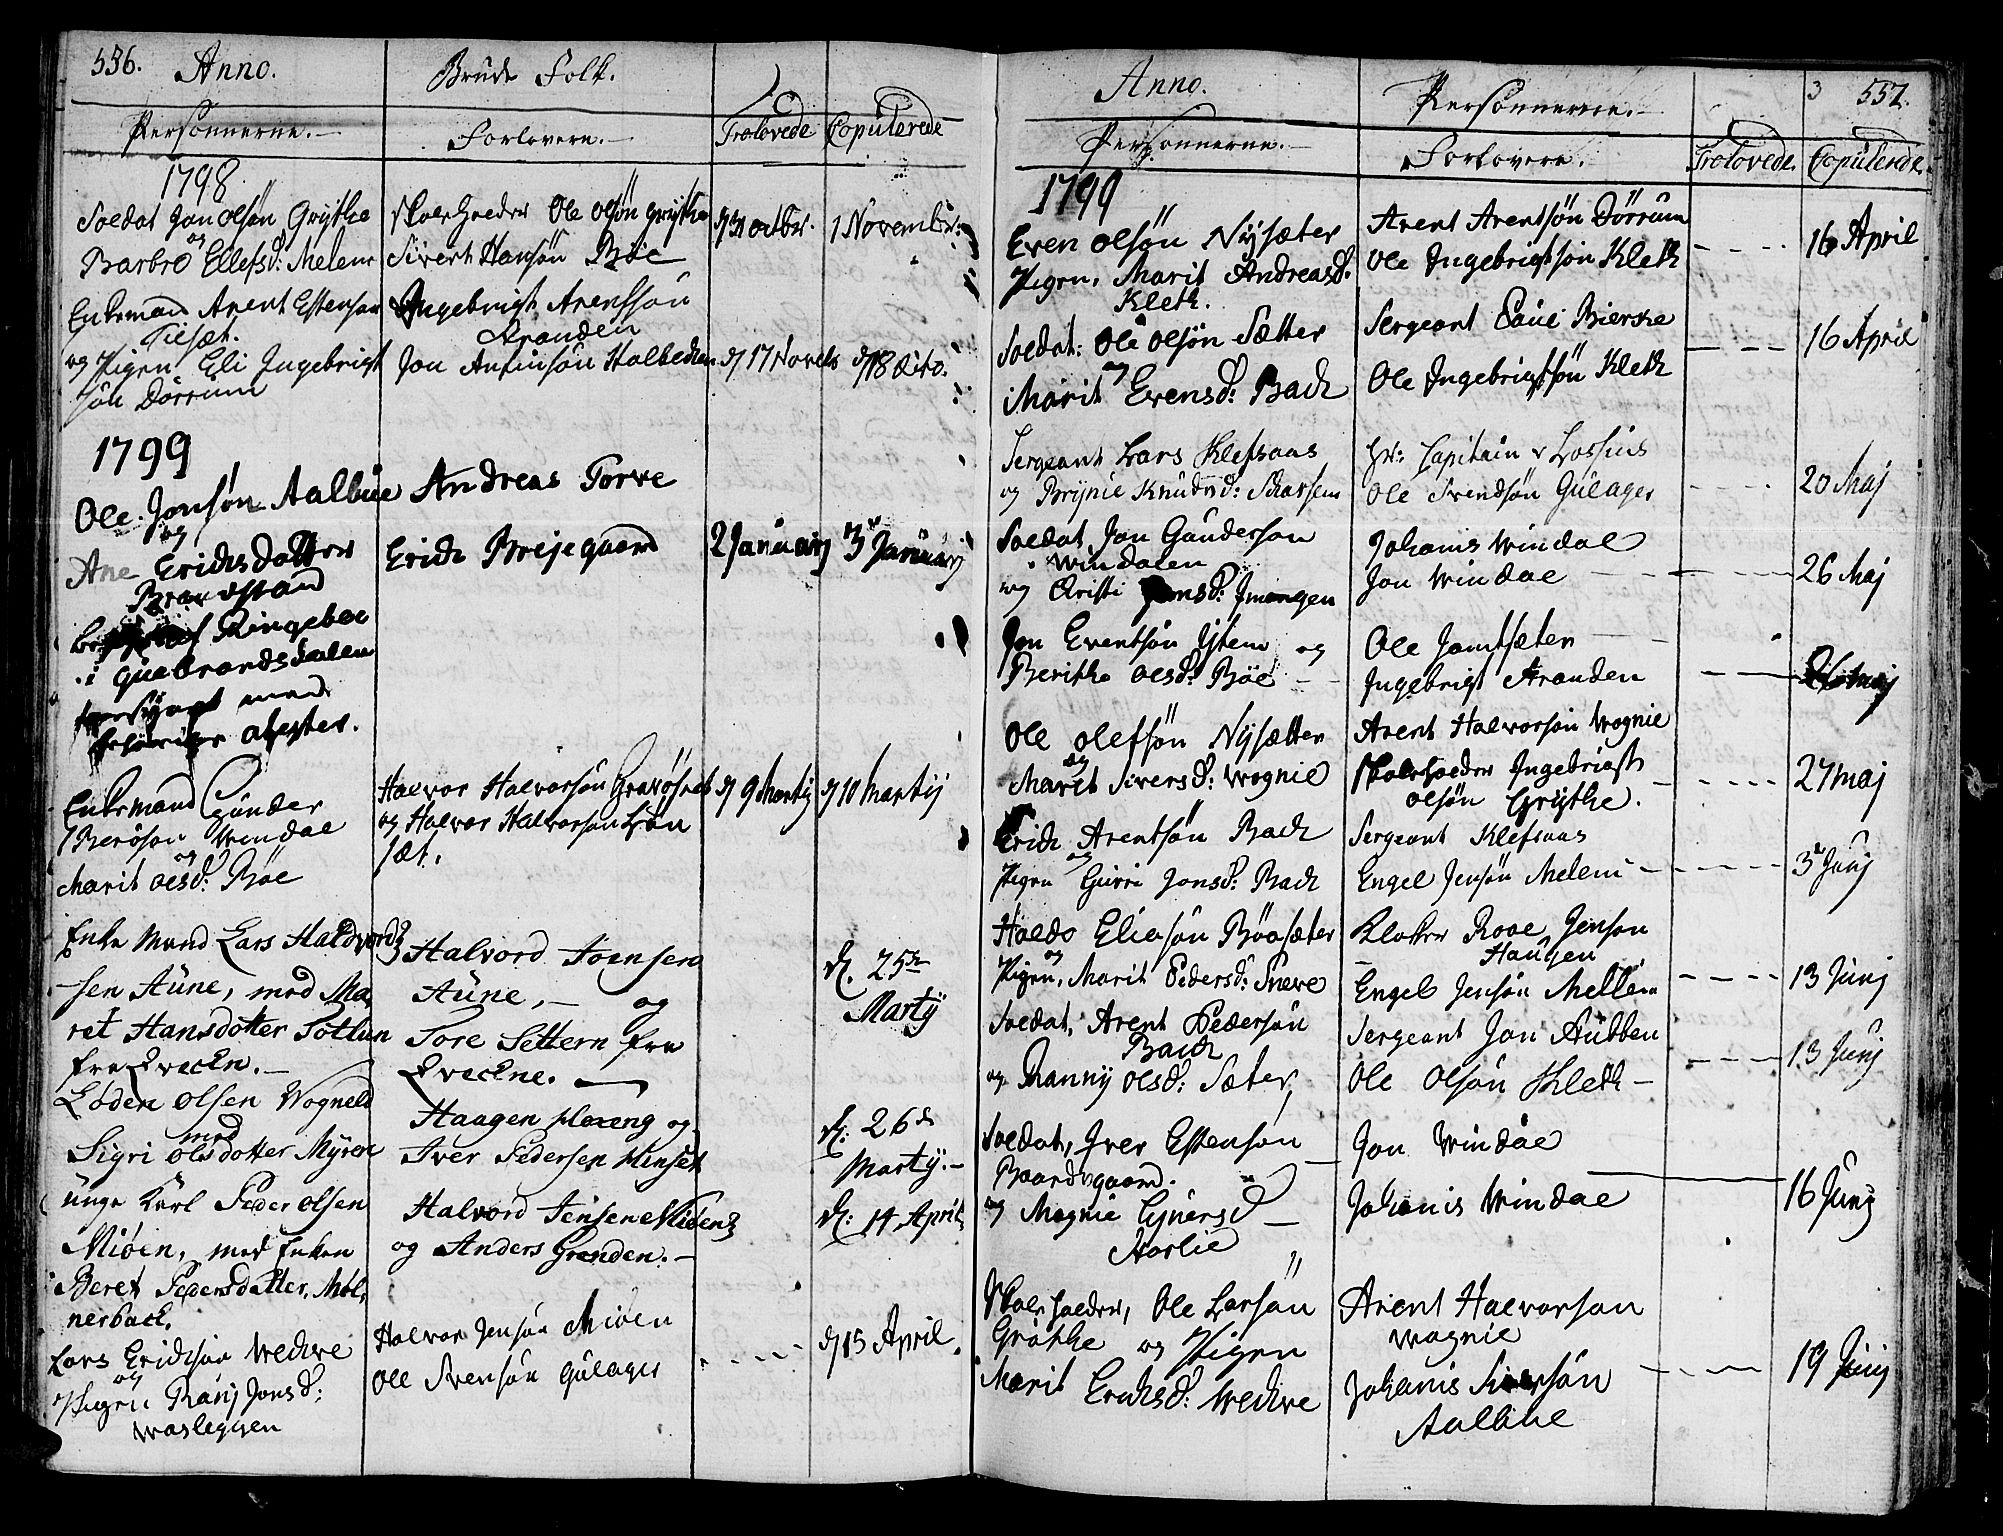 SAT, Ministerialprotokoller, klokkerbøker og fødselsregistre - Sør-Trøndelag, 678/L0893: Ministerialbok nr. 678A03, 1792-1805, s. 556-557